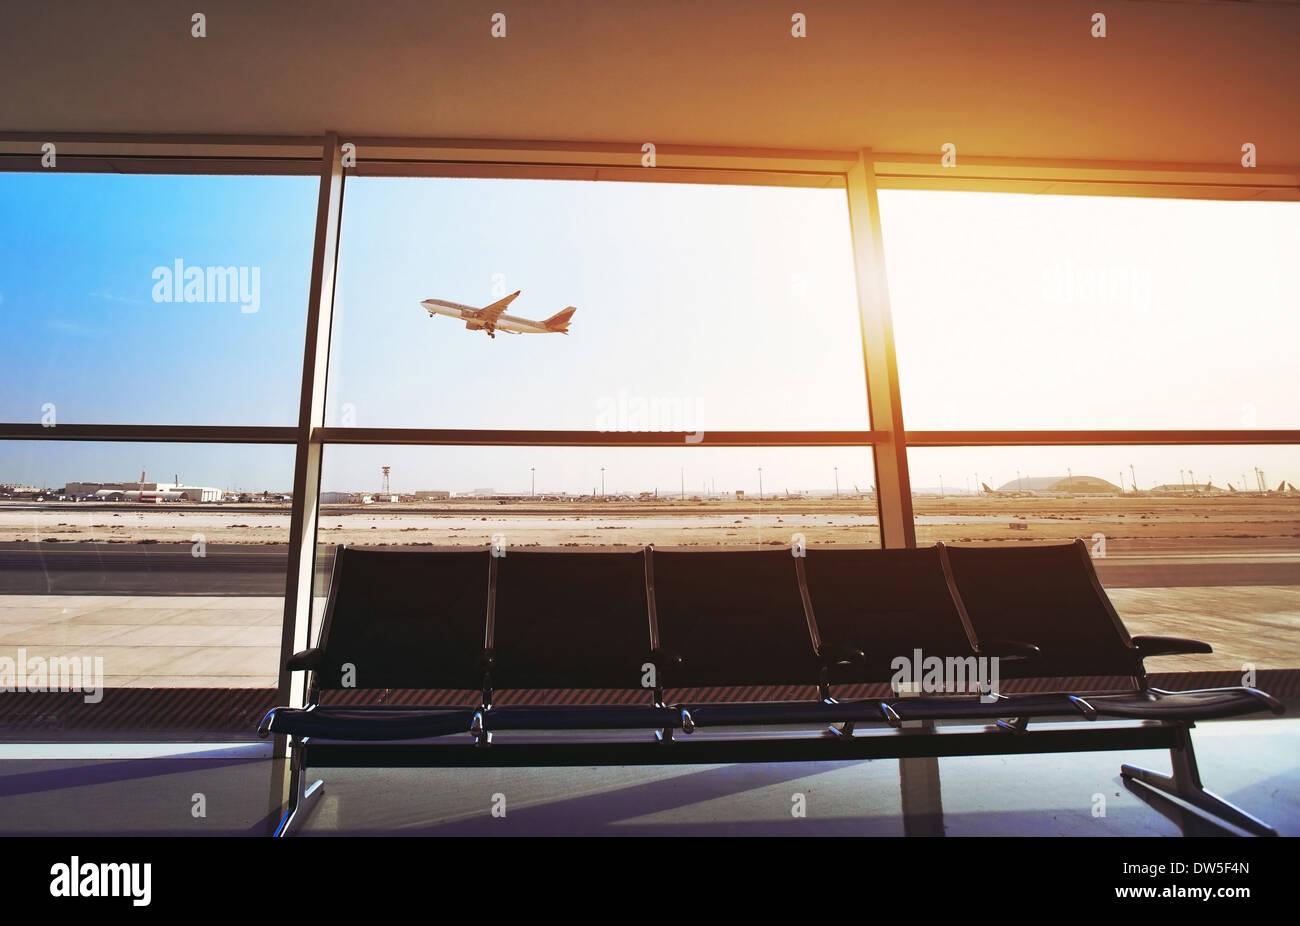 im Flughafen Stockbild